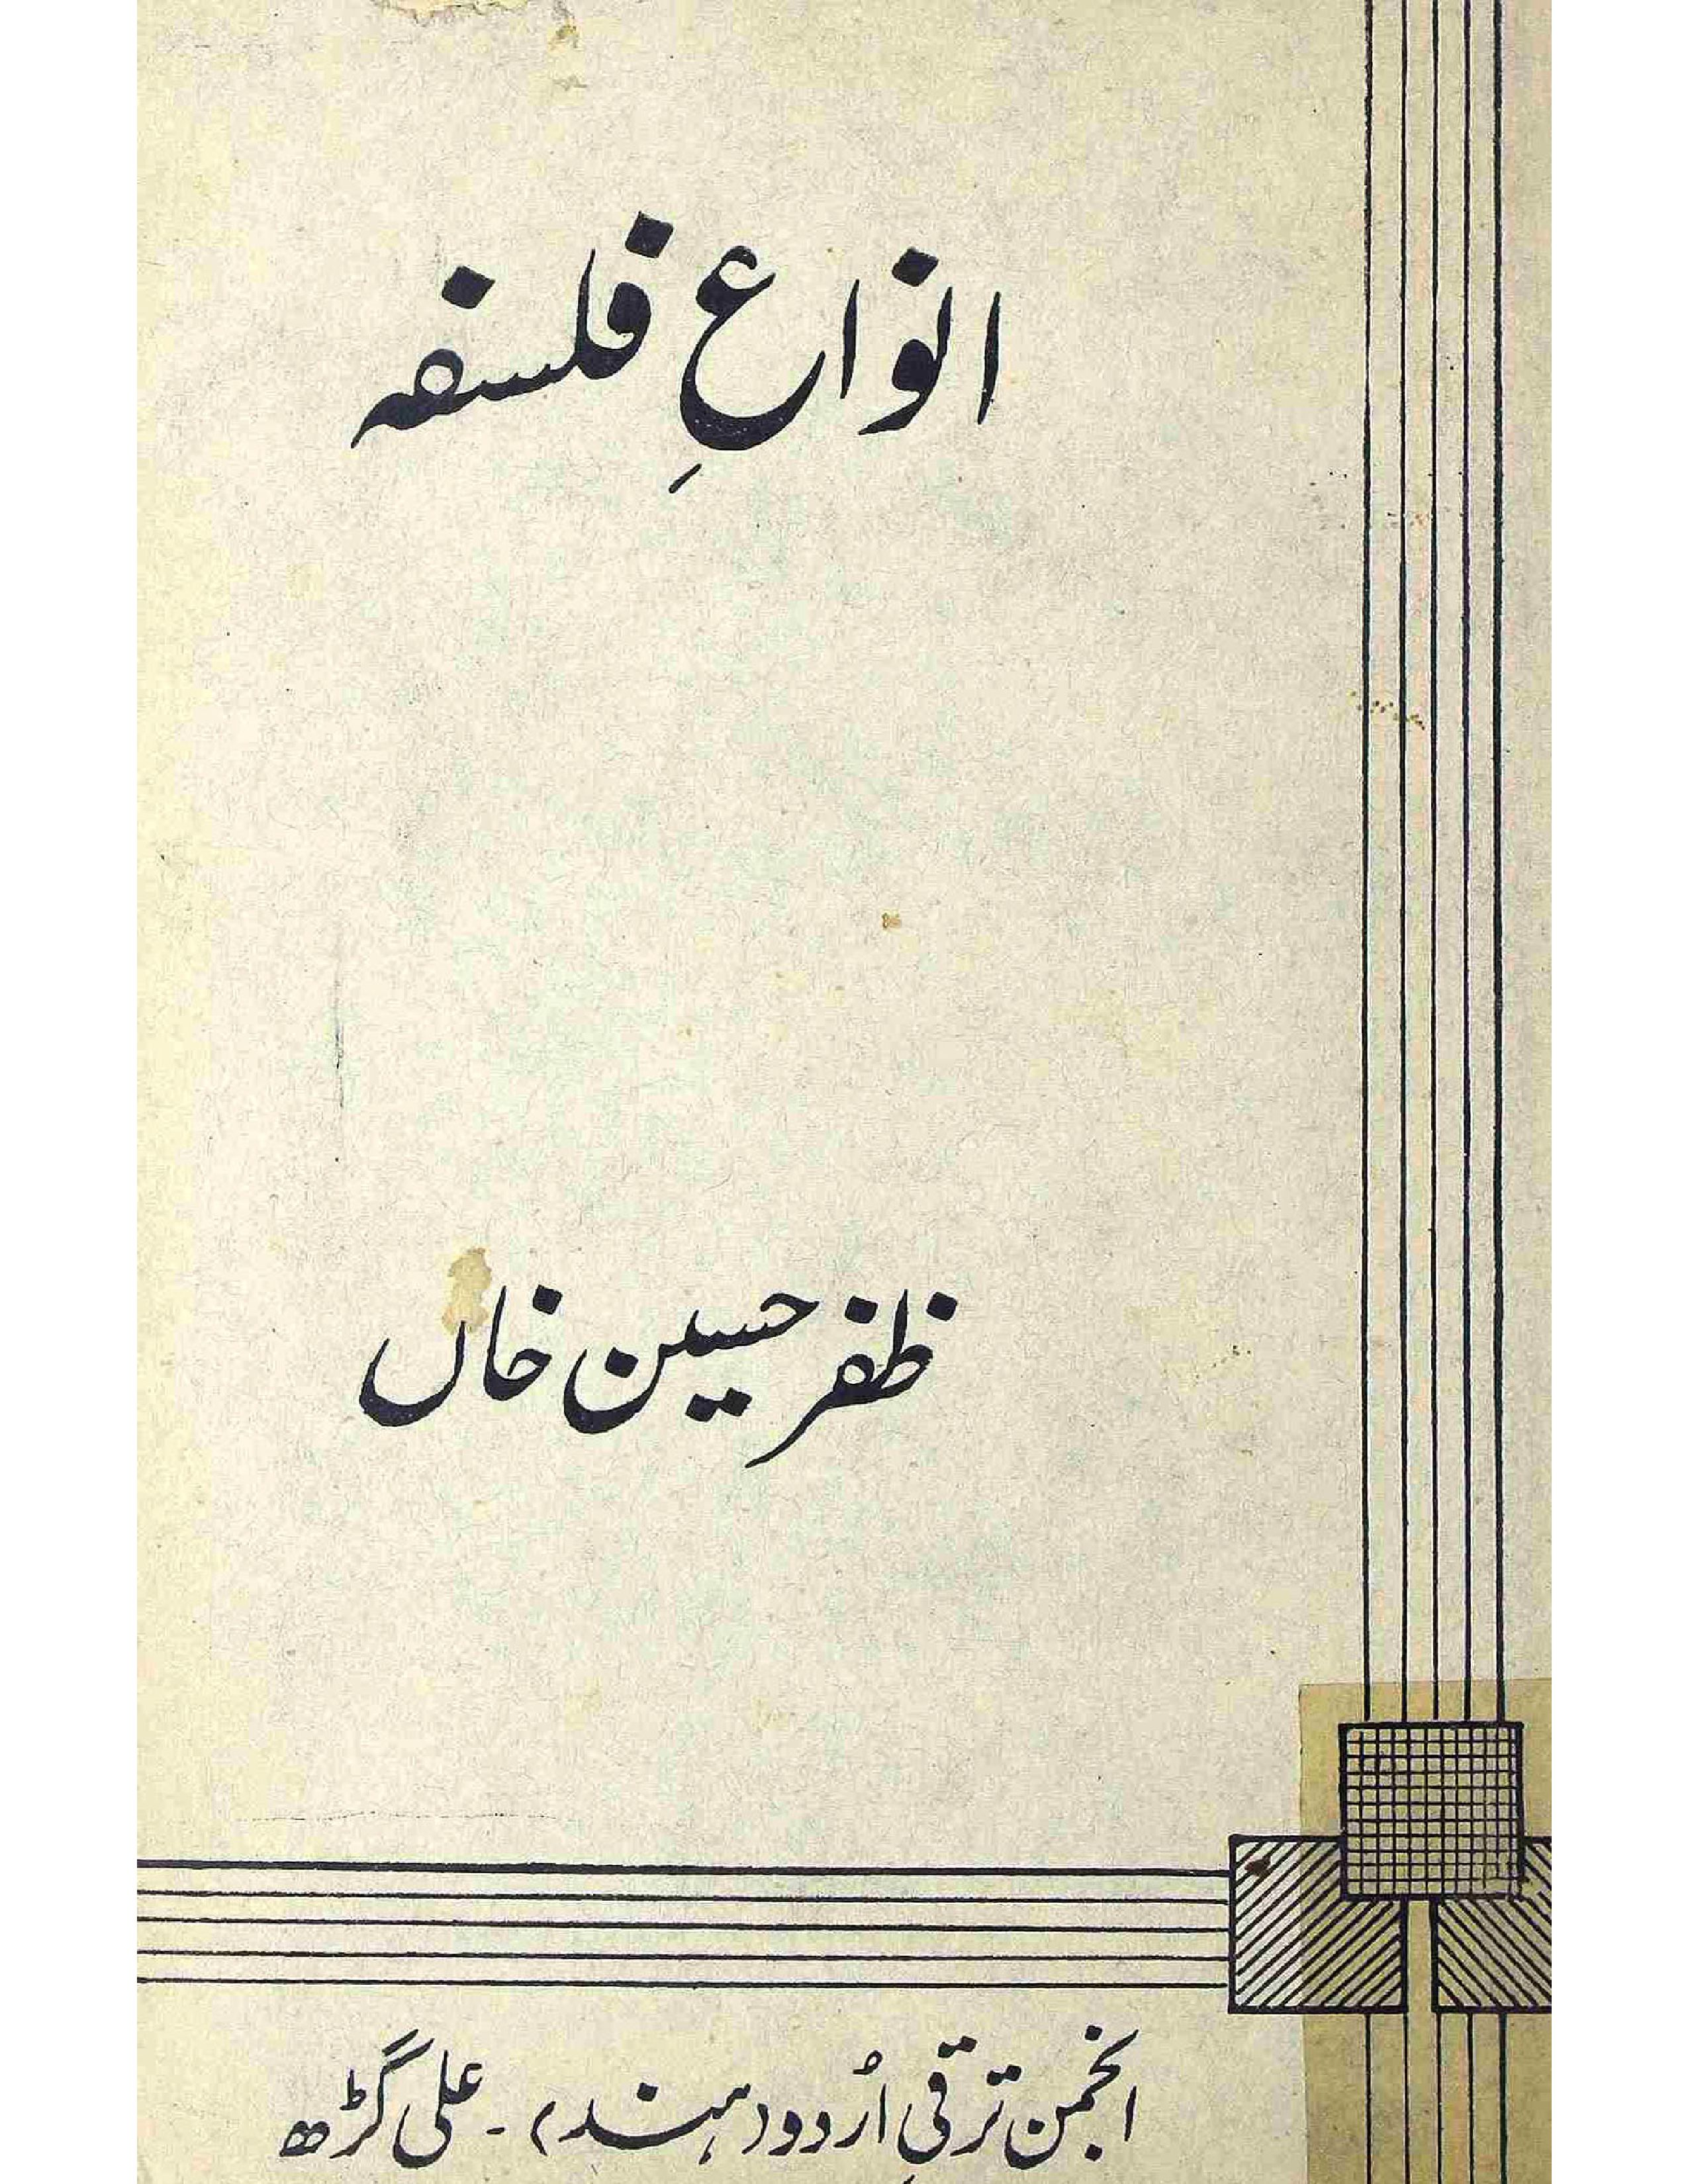 Anwa-e-Falsafa